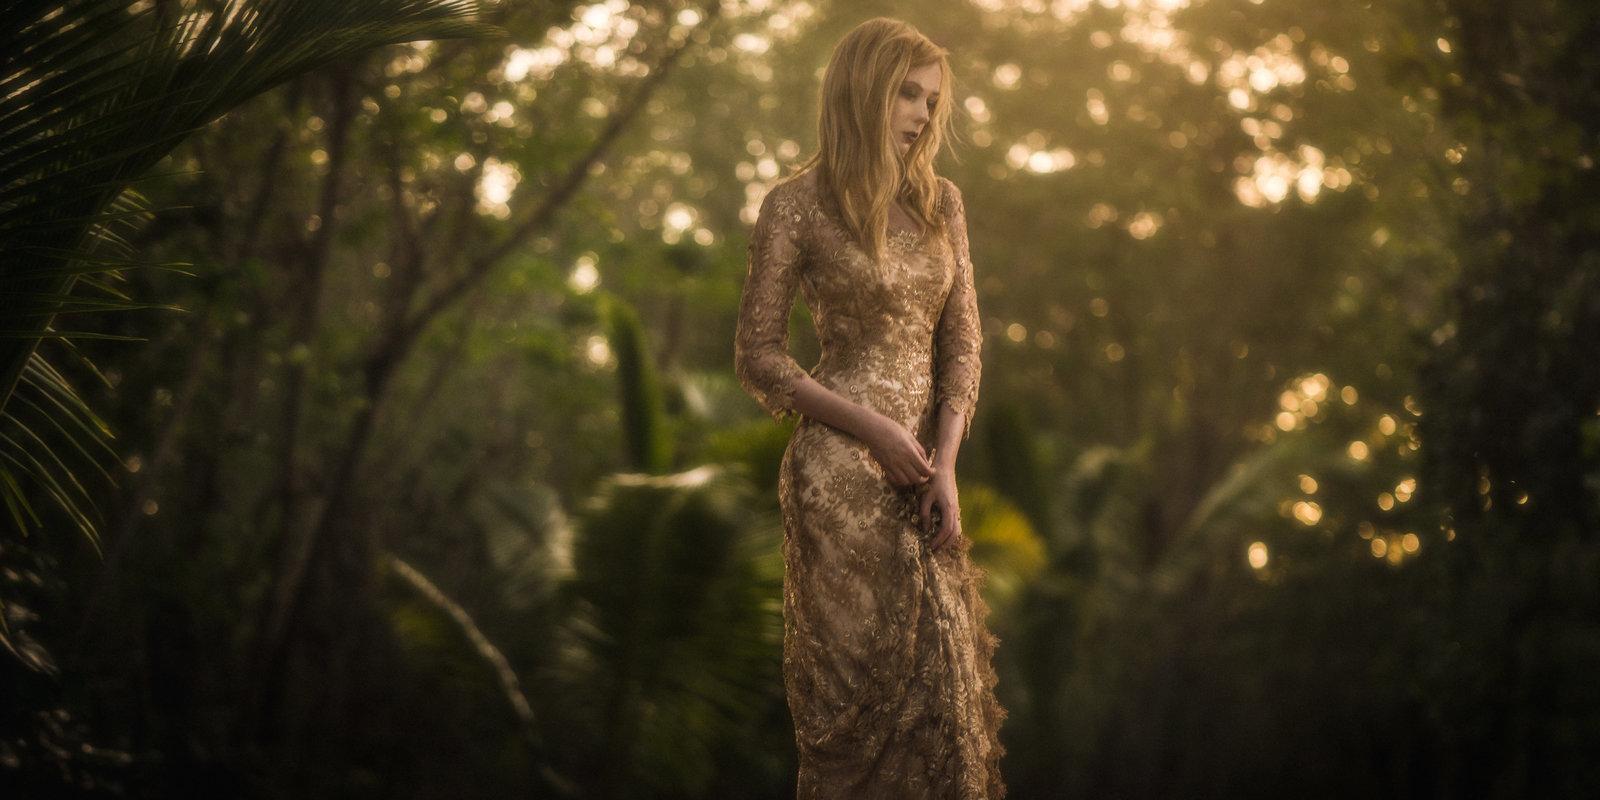 Orlagh_metallic_gold_lace_evening_dress_JoanneFlemingDesign_VonWongPhoto